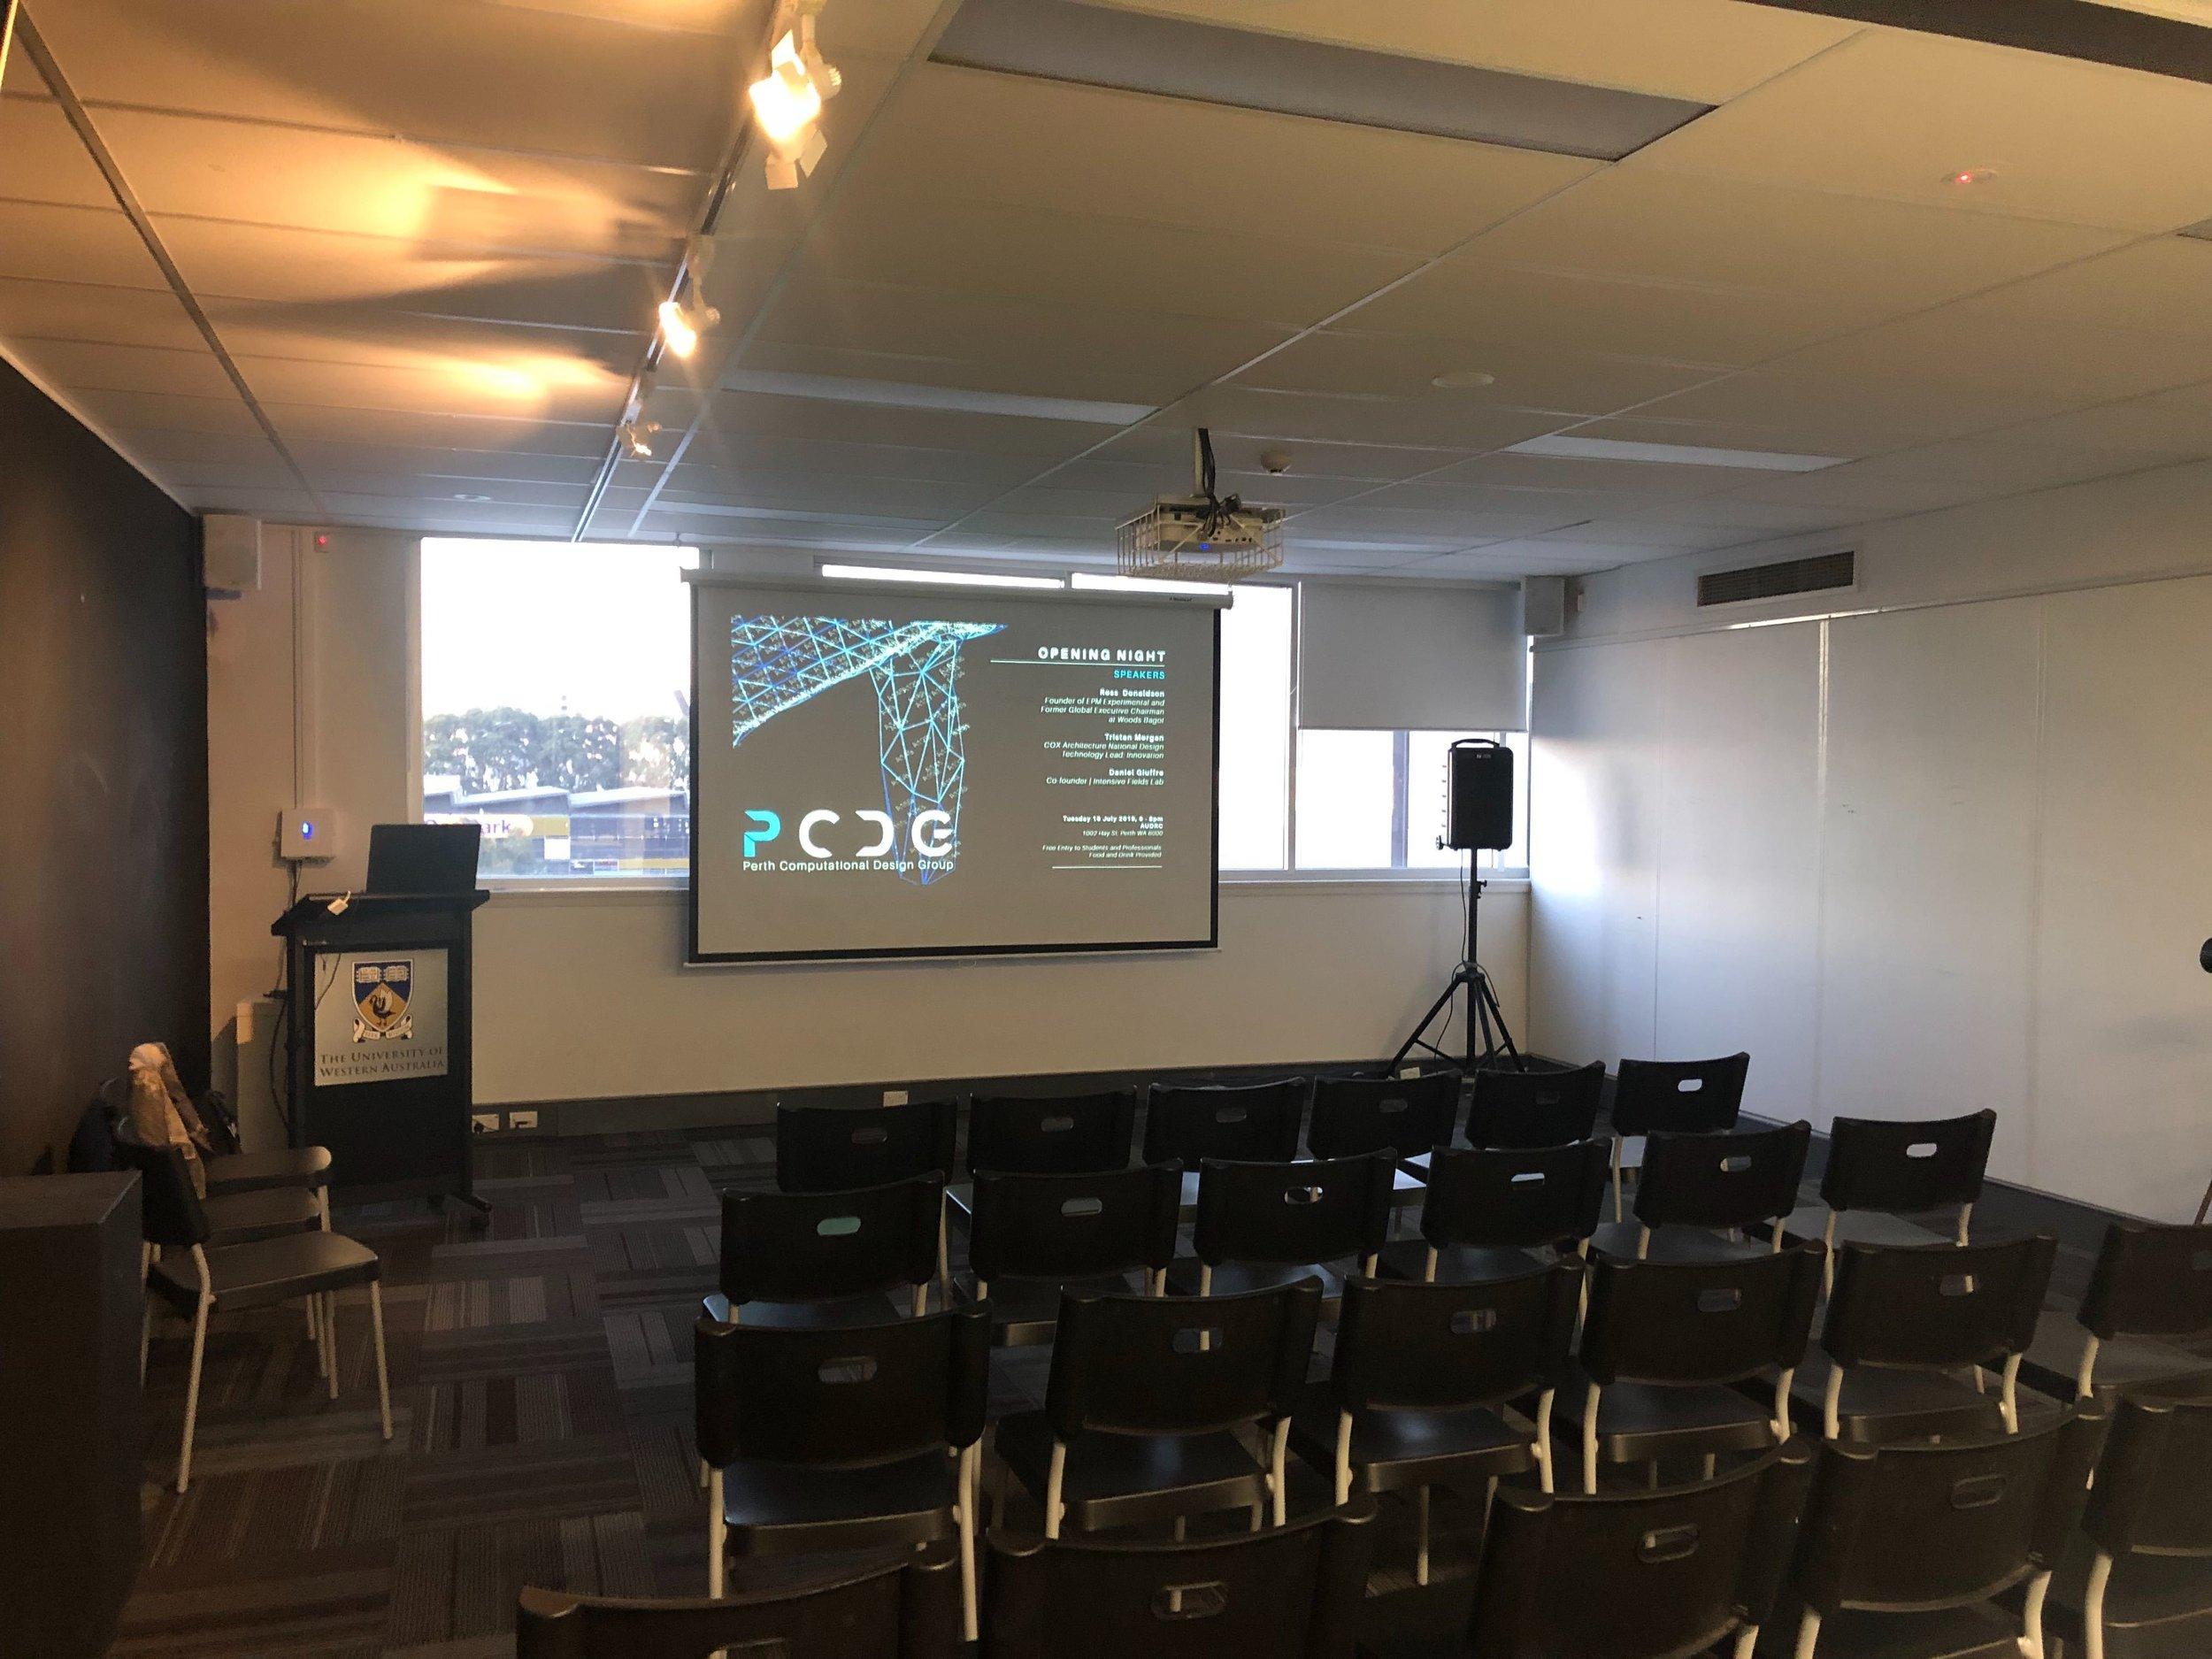 AUDRC: Event Setup